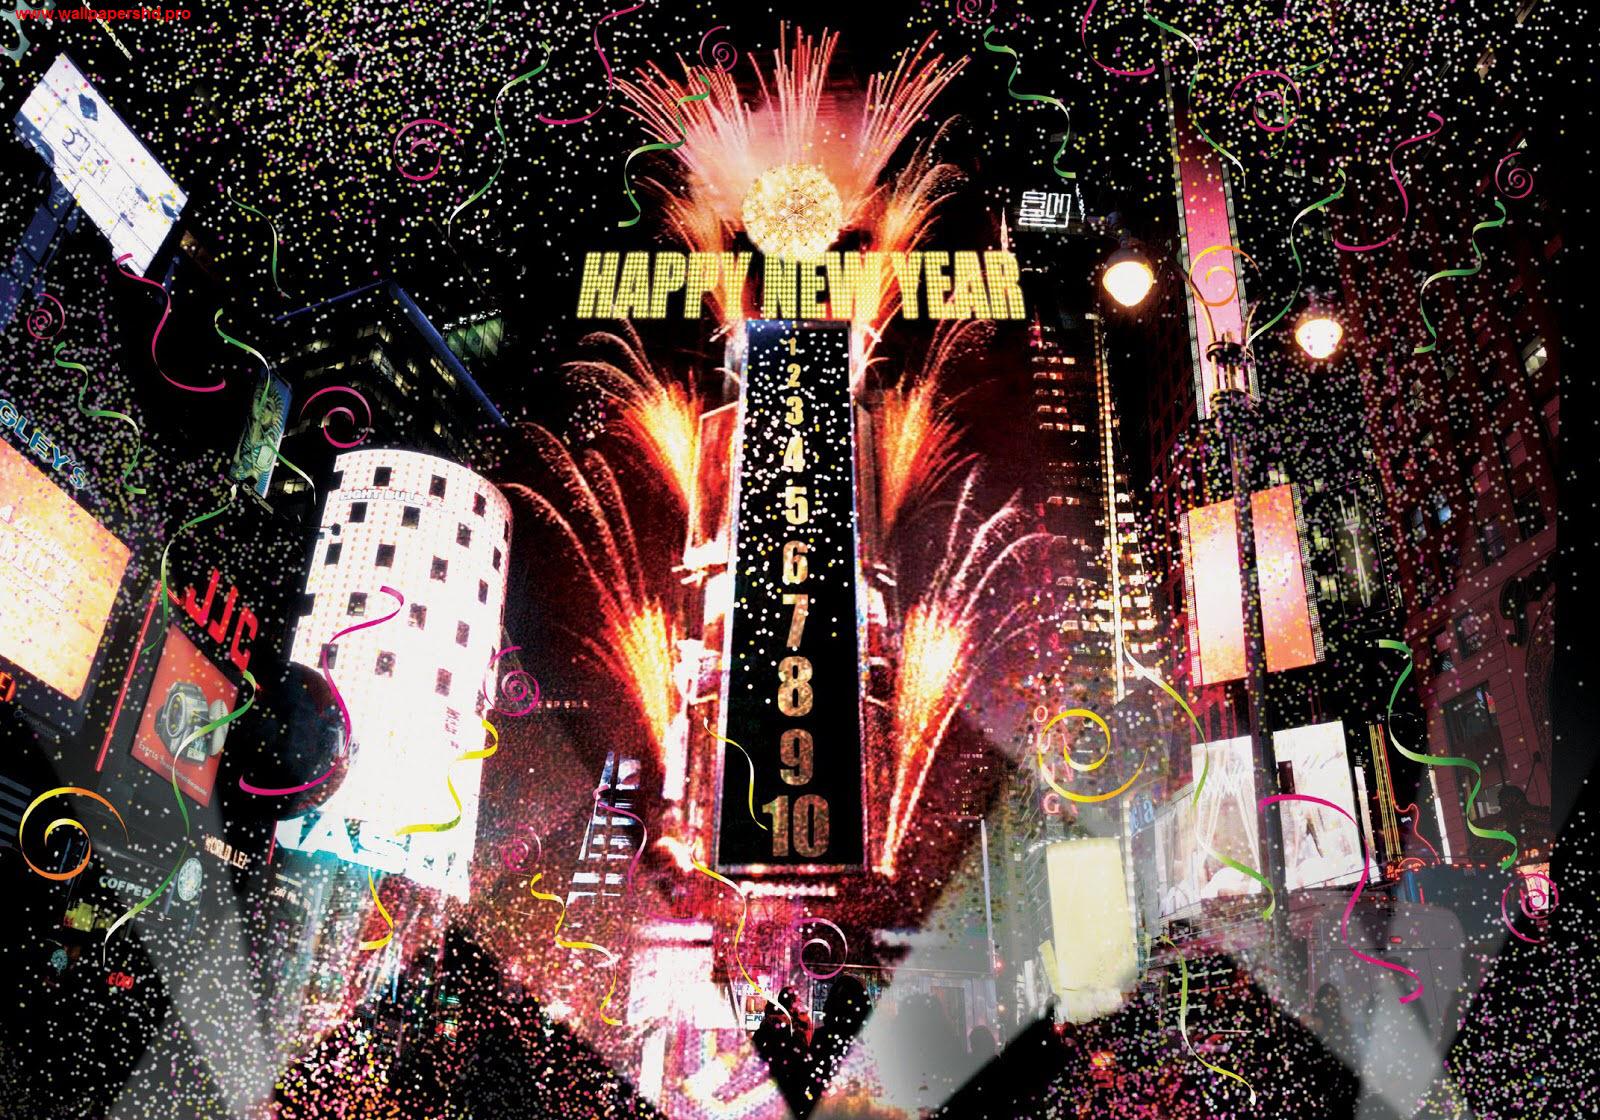 http://1.bp.blogspot.com/-Ad65fMZgktQ/UOH3cw4JeBI/AAAAAAAAWAY/mI2ToNQLC6E/s1600/New+Year+Celebration+2013+(7).jpg